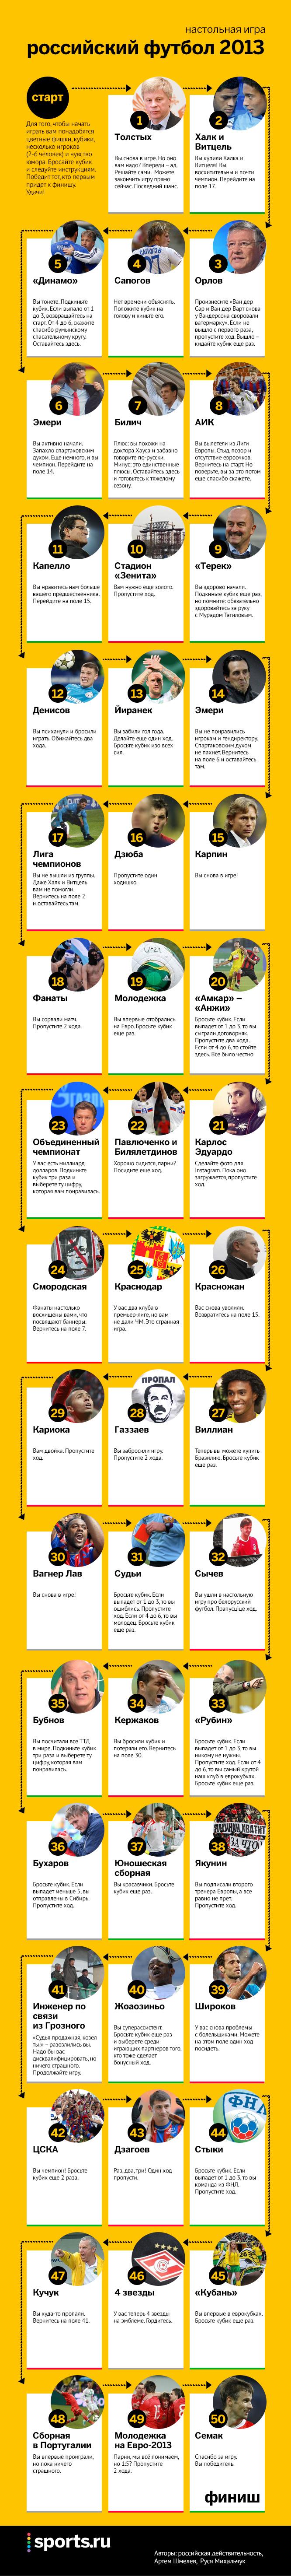 Настольная игра Российский футбол 2012 - 2013